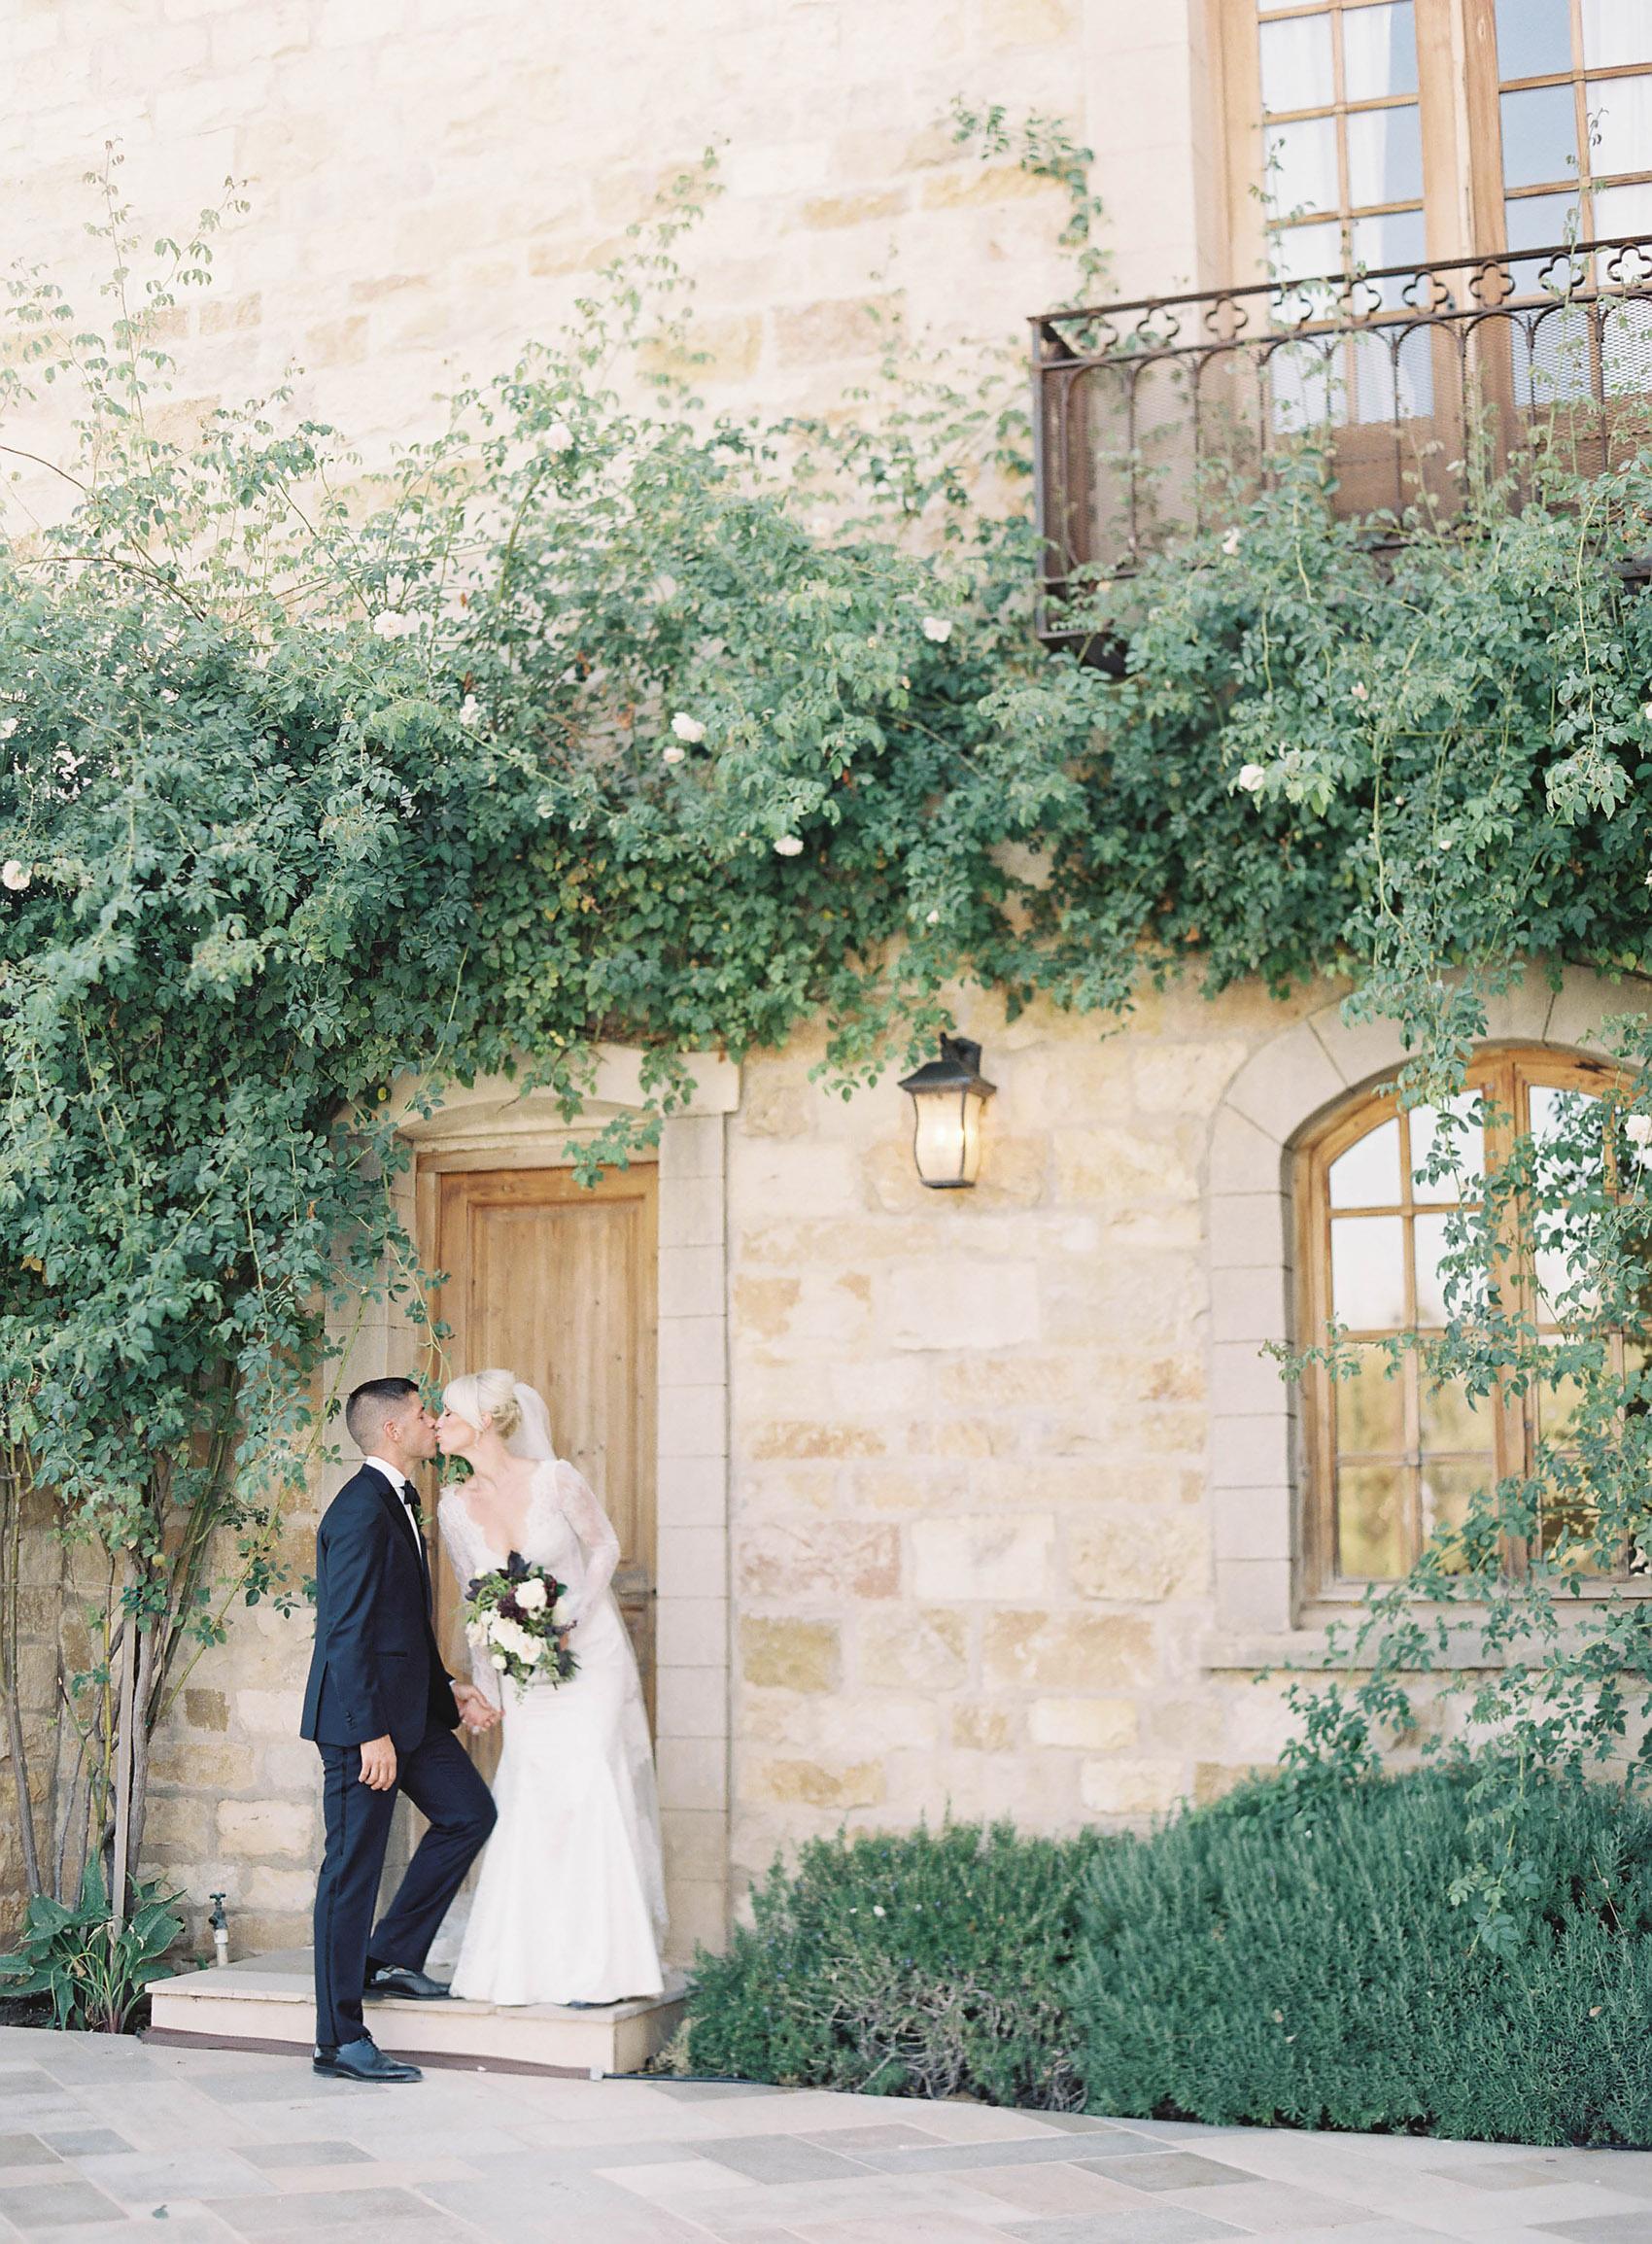 Sunstone_Villa_Wedding-59-Jen-Huang-JTEd-100-Jen_Huang-002836-R1-006.jpg